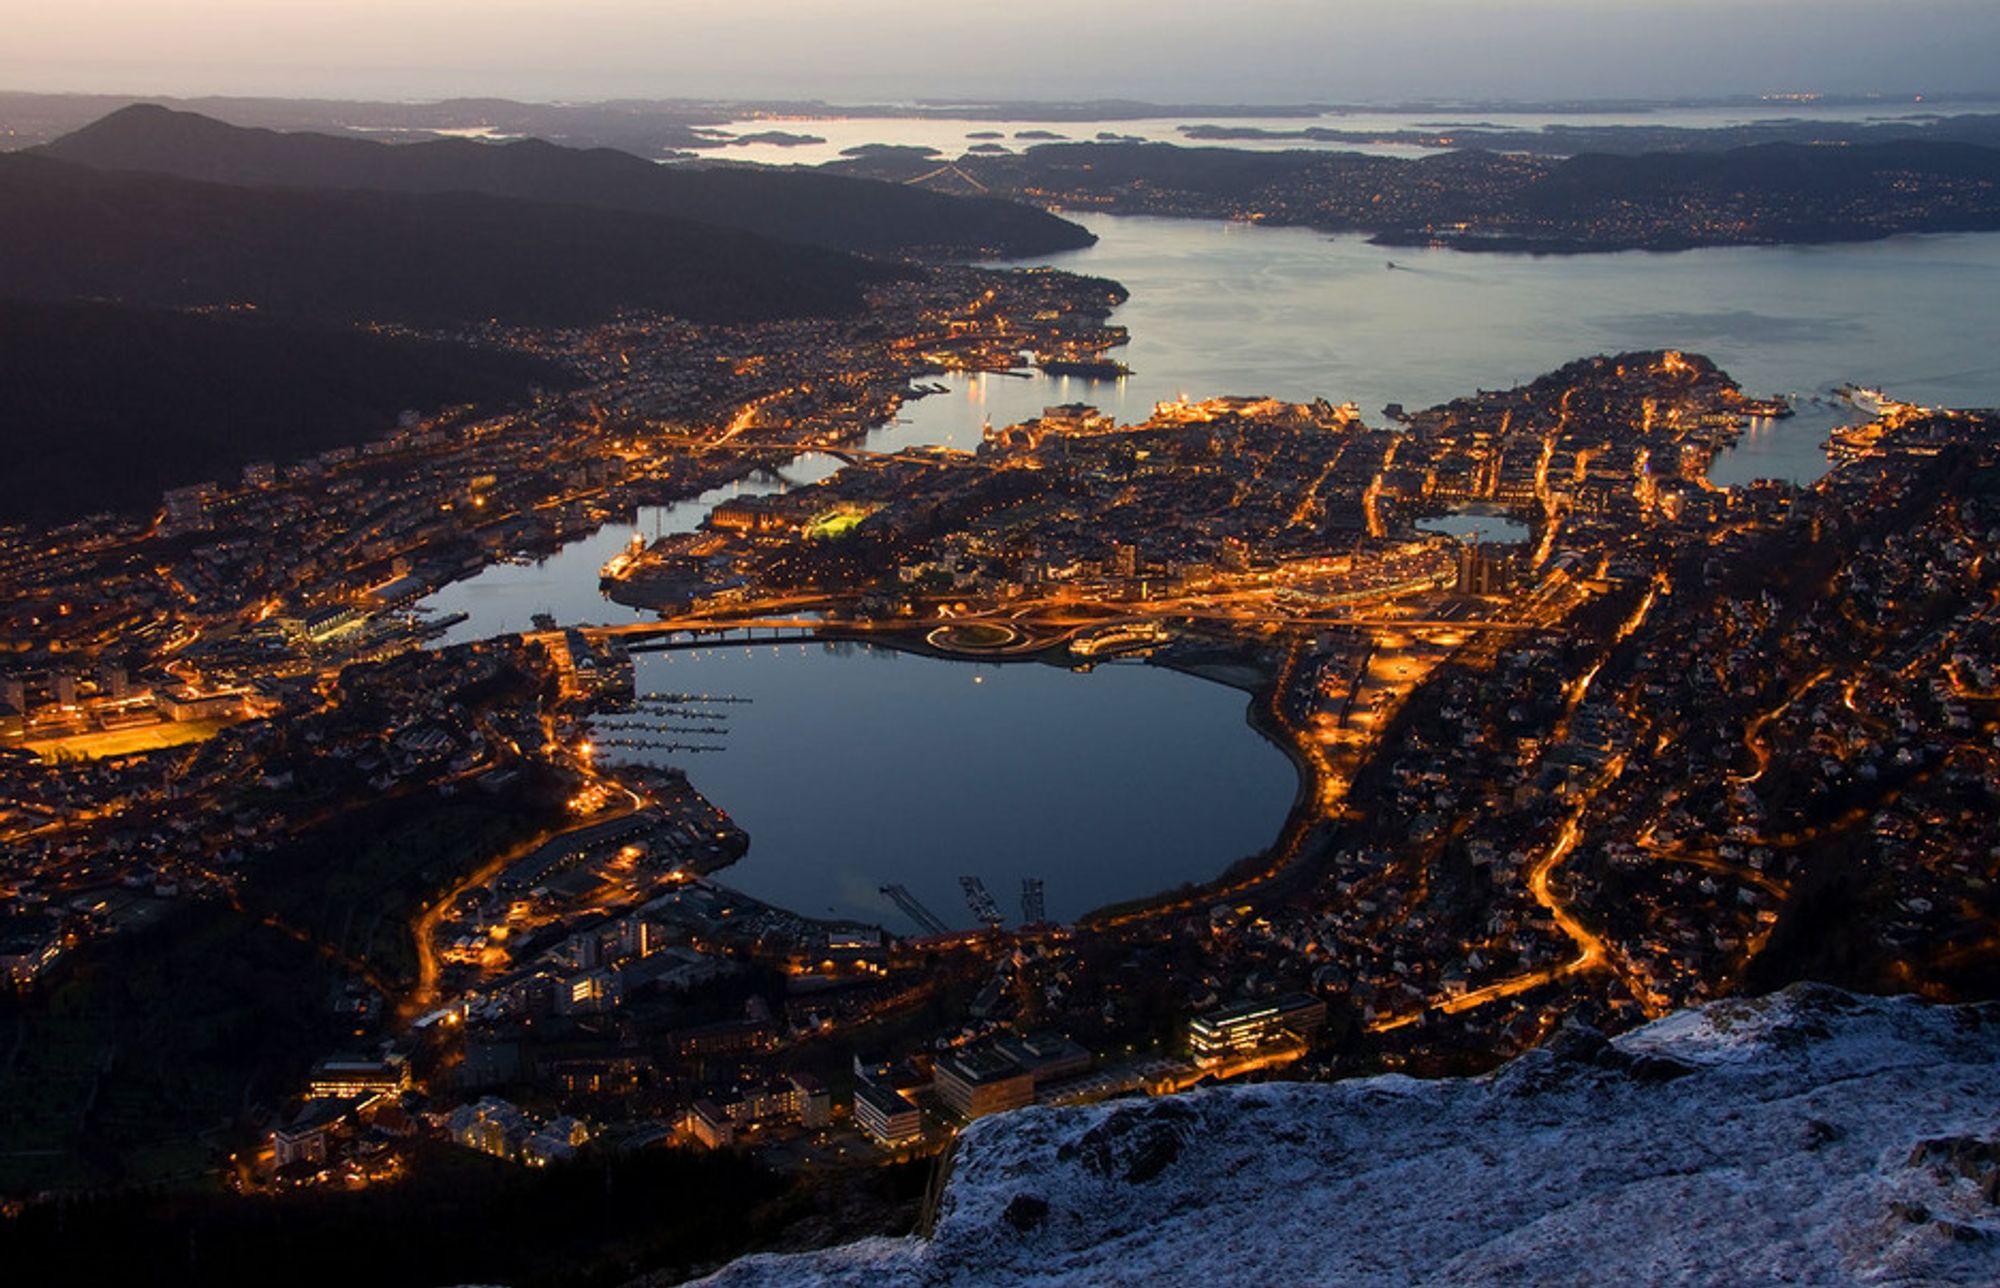 SNART TOMT: Bergen kommune vurderer restriksjoner på vannbruken, etter den tørreste vinteren siden 1949. De frykter vannkrise allerede før påske.